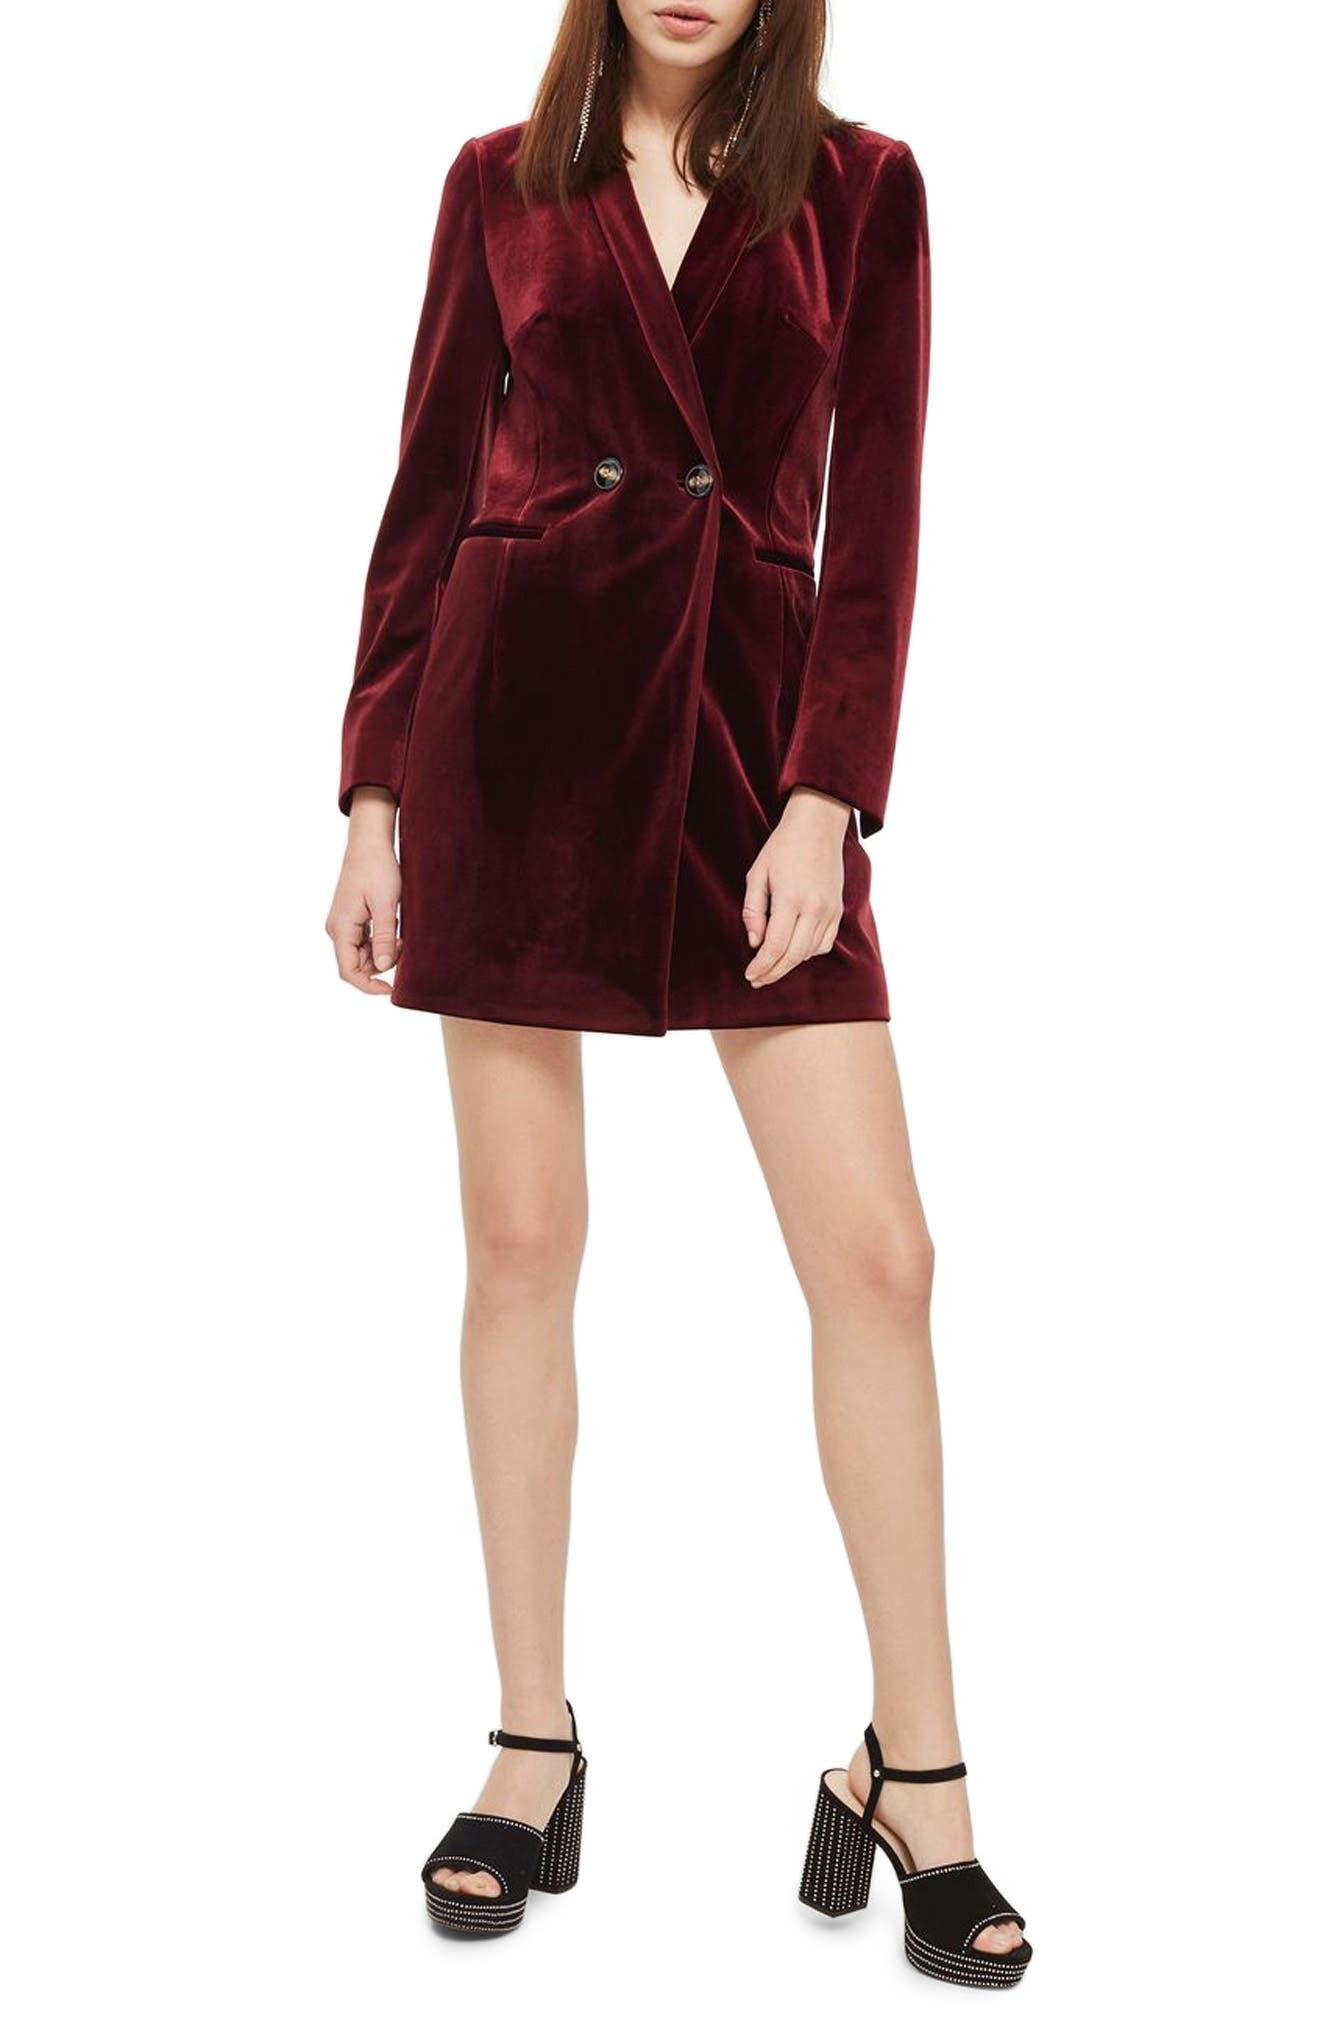 Main Image - Topshop Double Breasted Velvet Blazer Dress